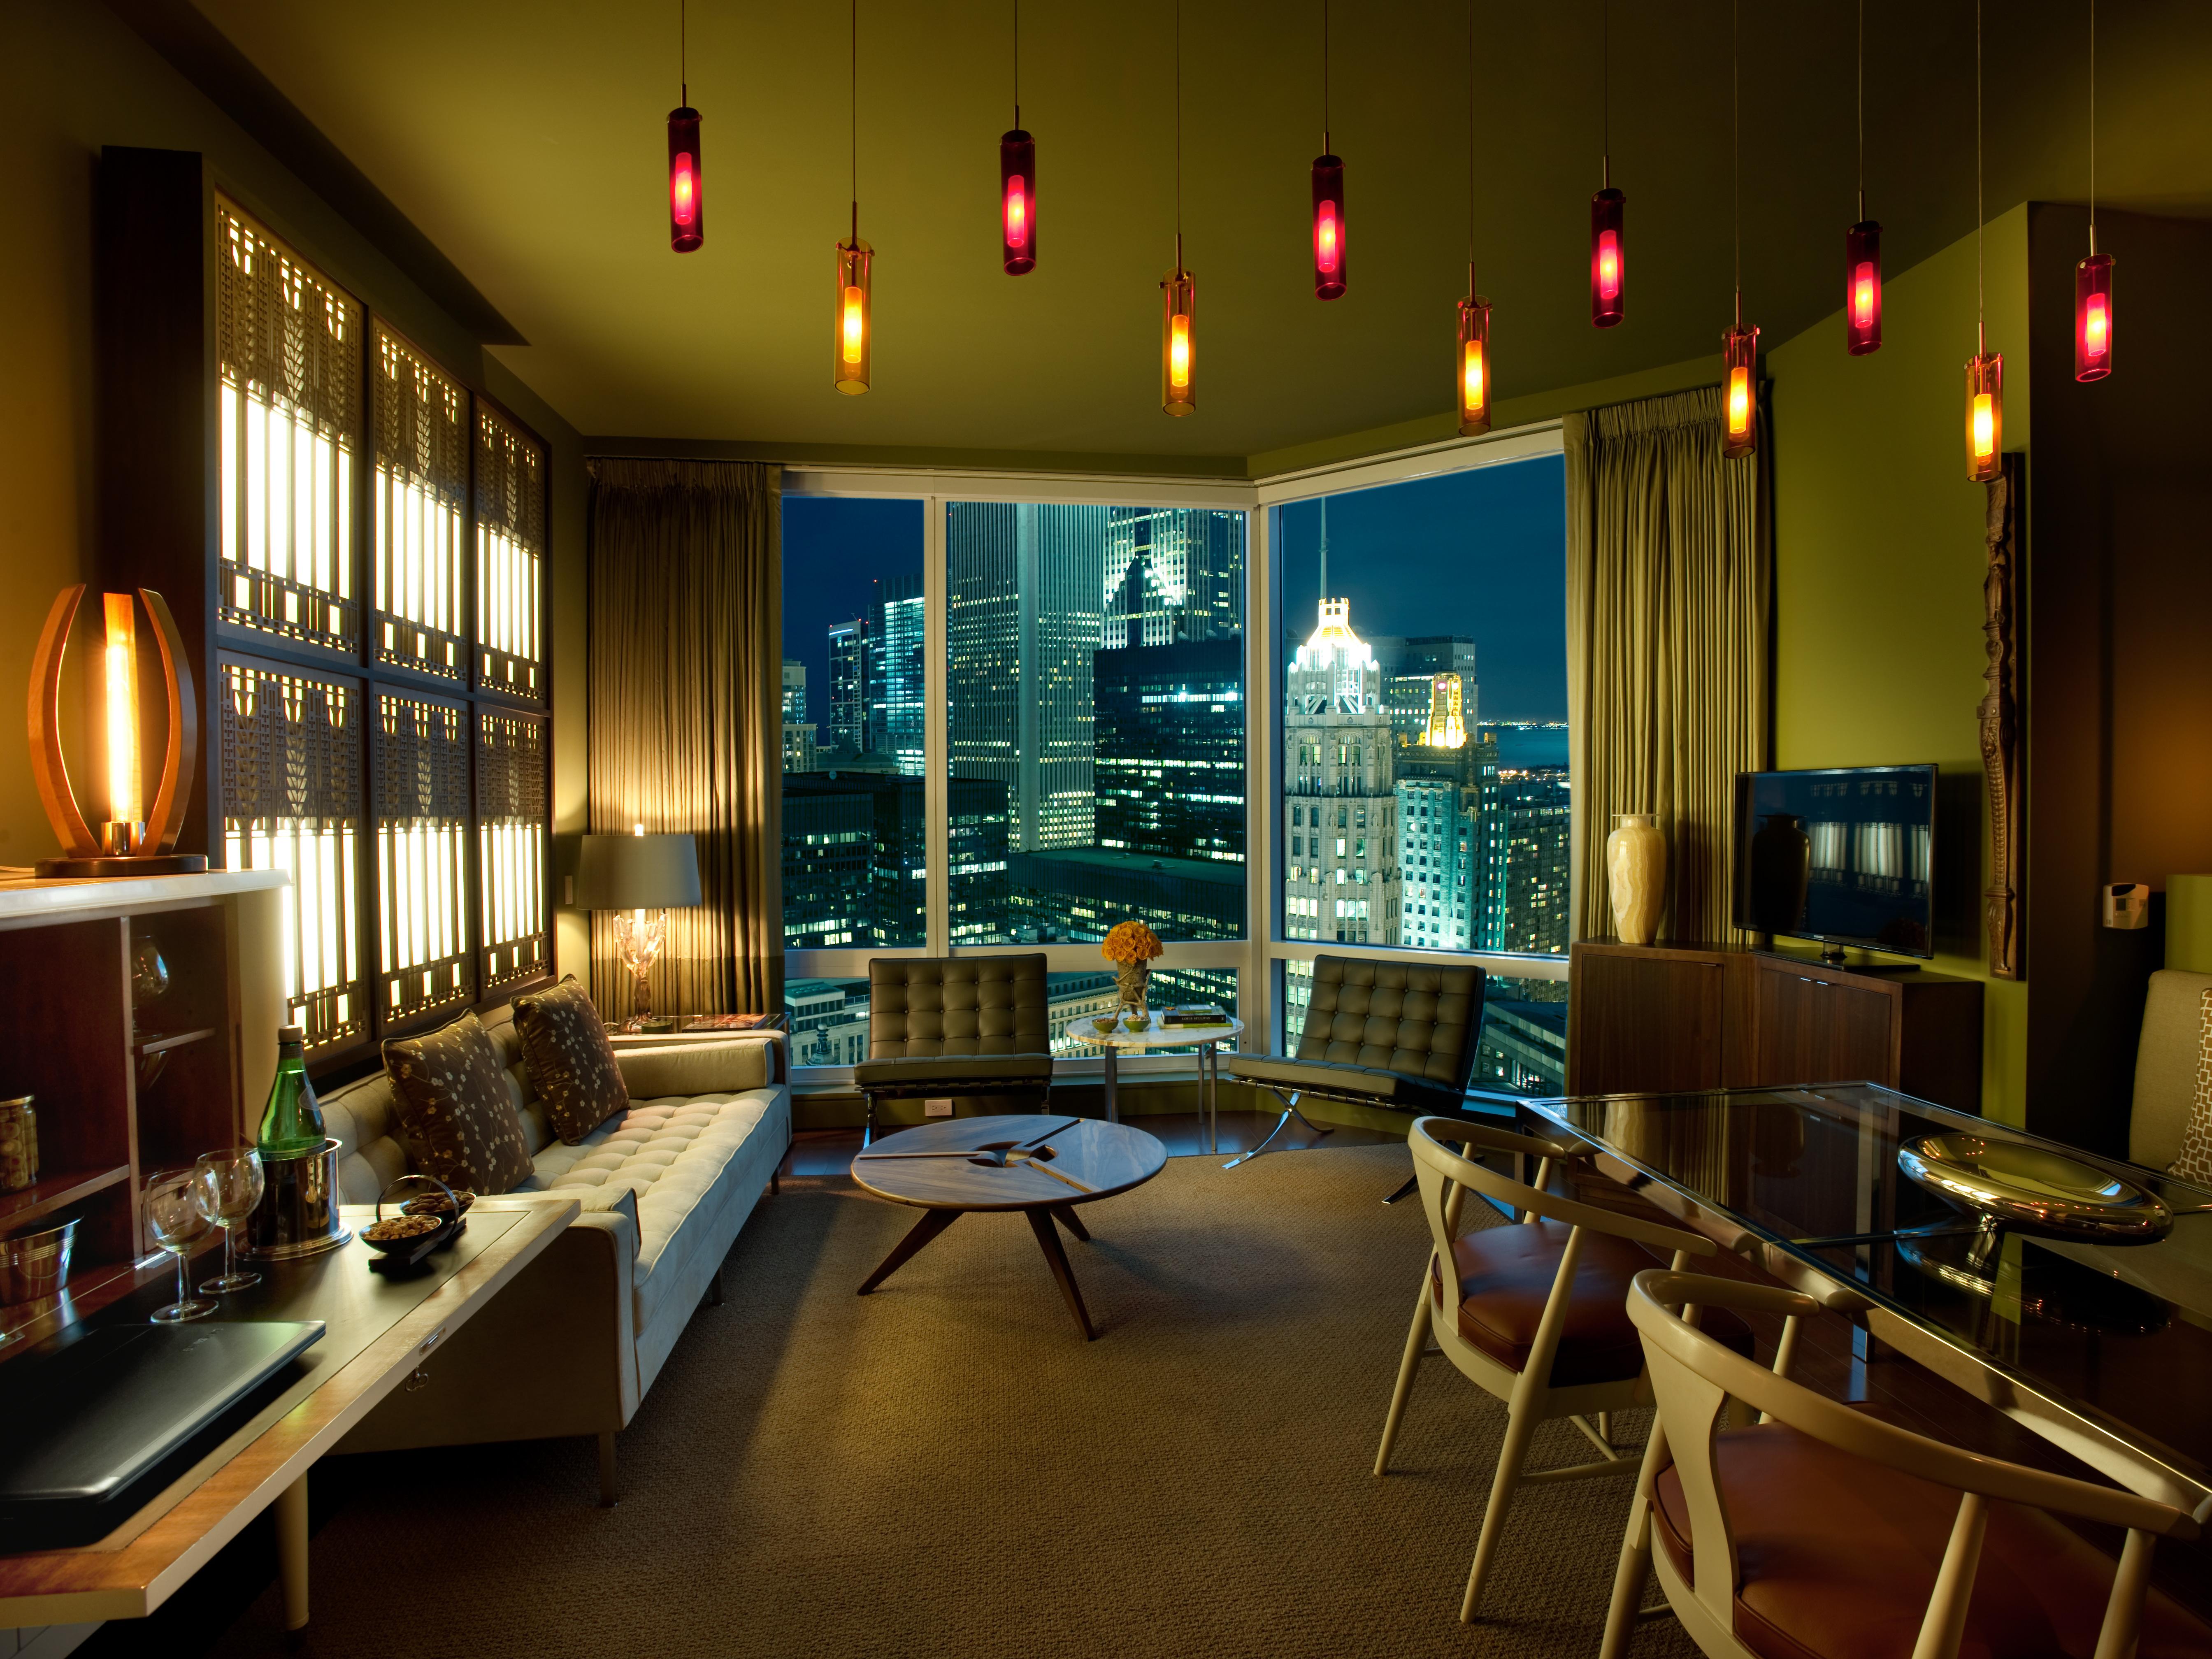 ambient lighting stack alba load the game. Black Bedroom Furniture Sets. Home Design Ideas